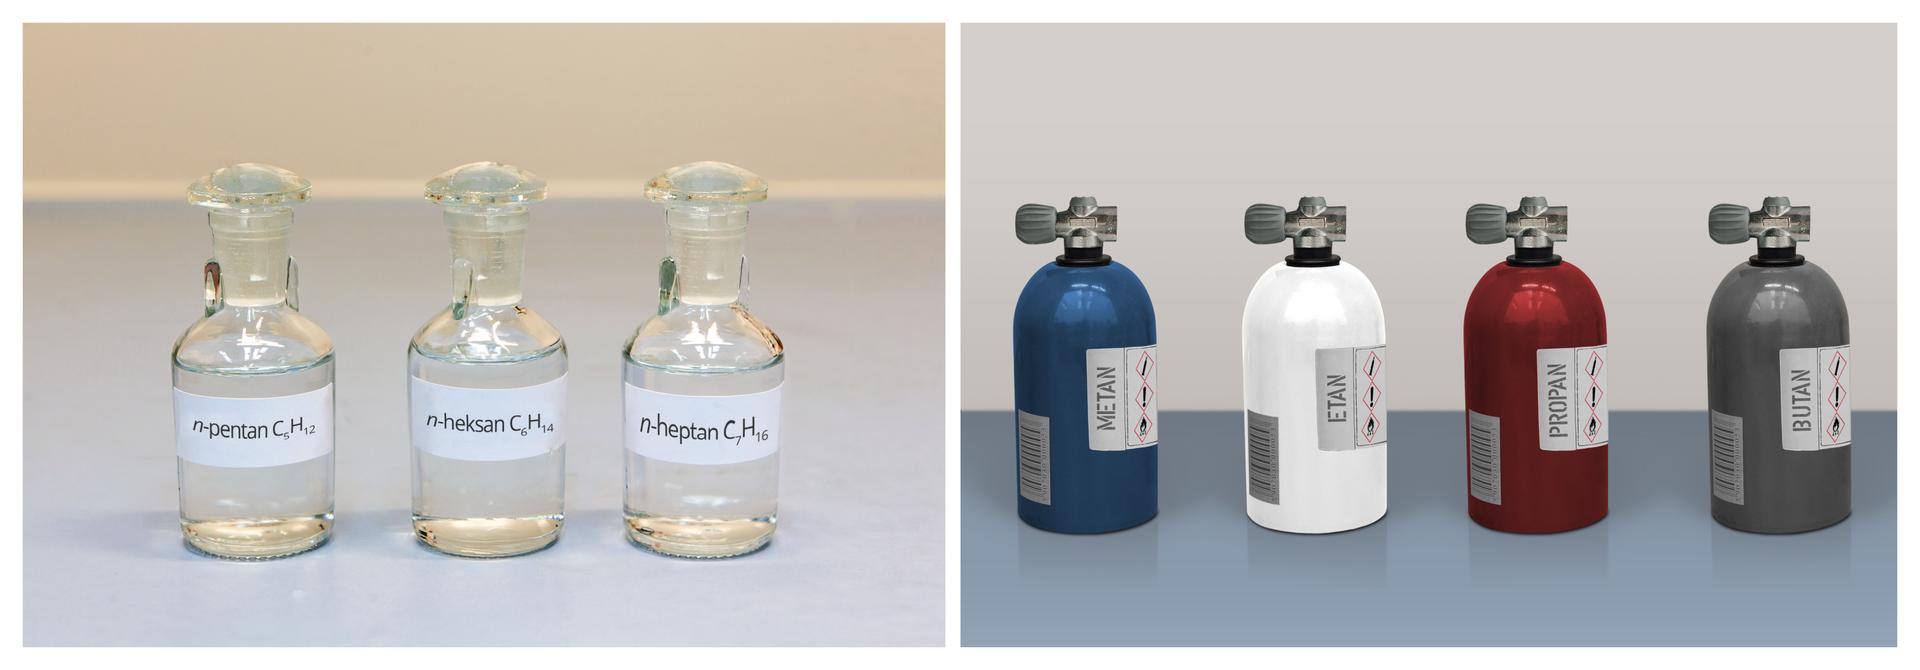 Dwa zdjęcia na pierwszym widać trzy buteleczki z: pentanem C5H12, heksanem C6H14 oraz heptanem C7H16. Drugie zdjęcie przedstawia cztery butle zgazami: metanem, etanem, propanem oraz butanem.